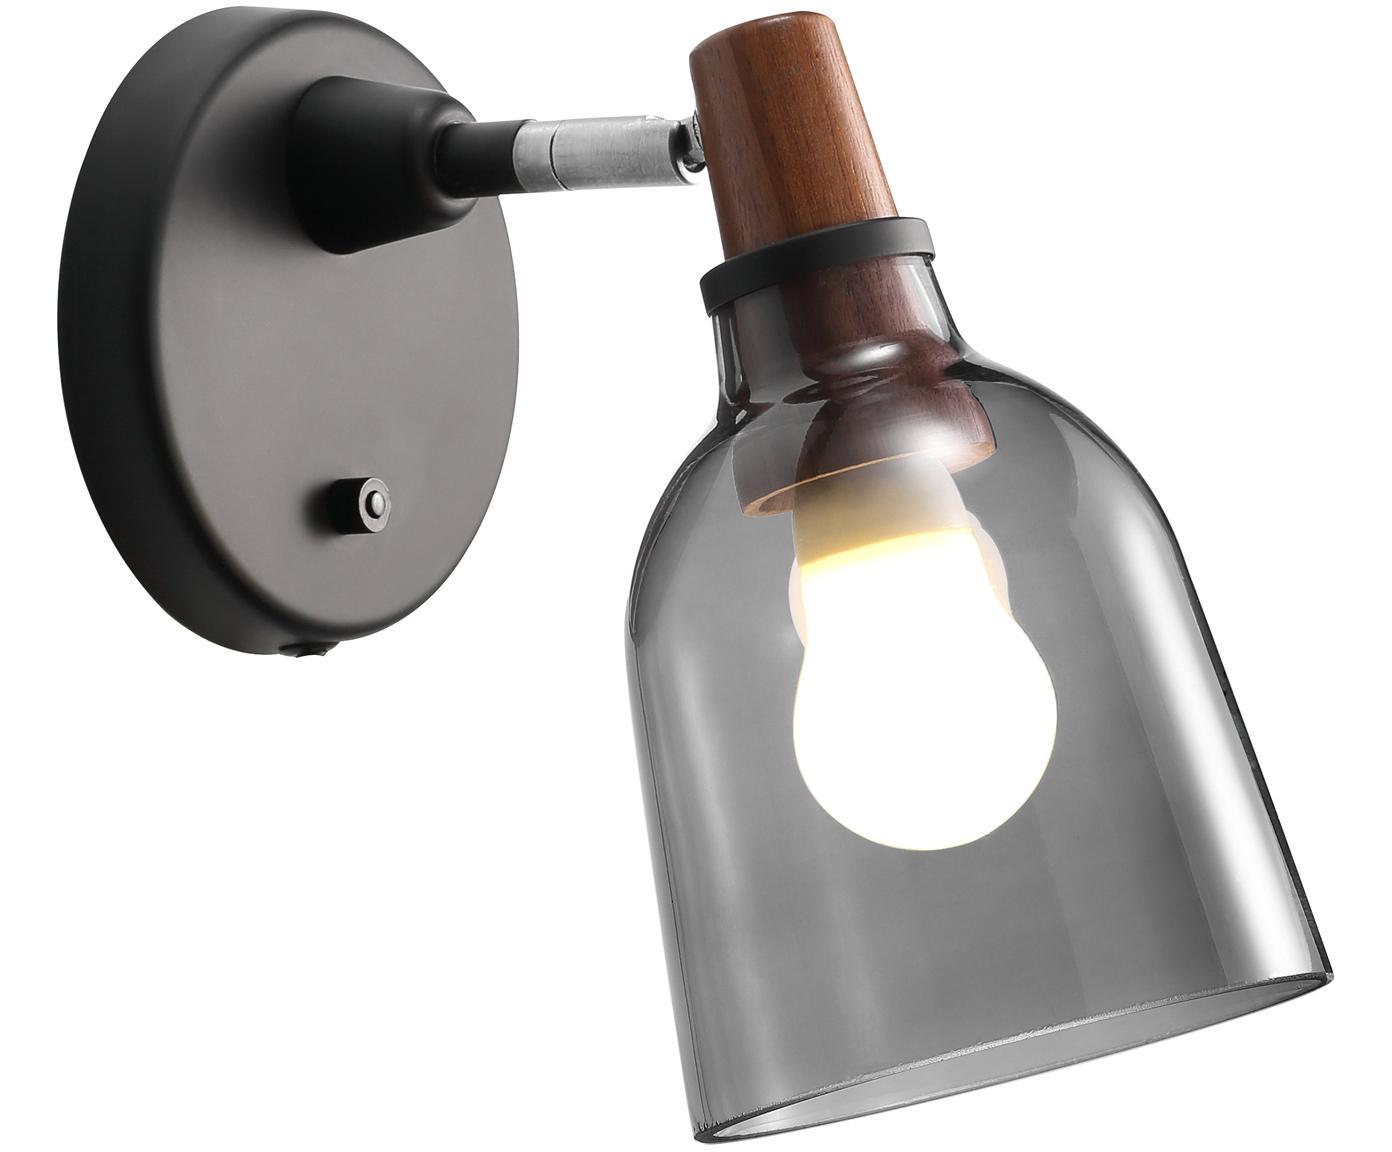 Wandleuchte Karma mit Stecker, Lampenschirm: Handgegossenes Rauchglas, Lampenschirm: Rauchgrau<br>Befestigung: Walnussholz, geölt, 14 x 24 cm